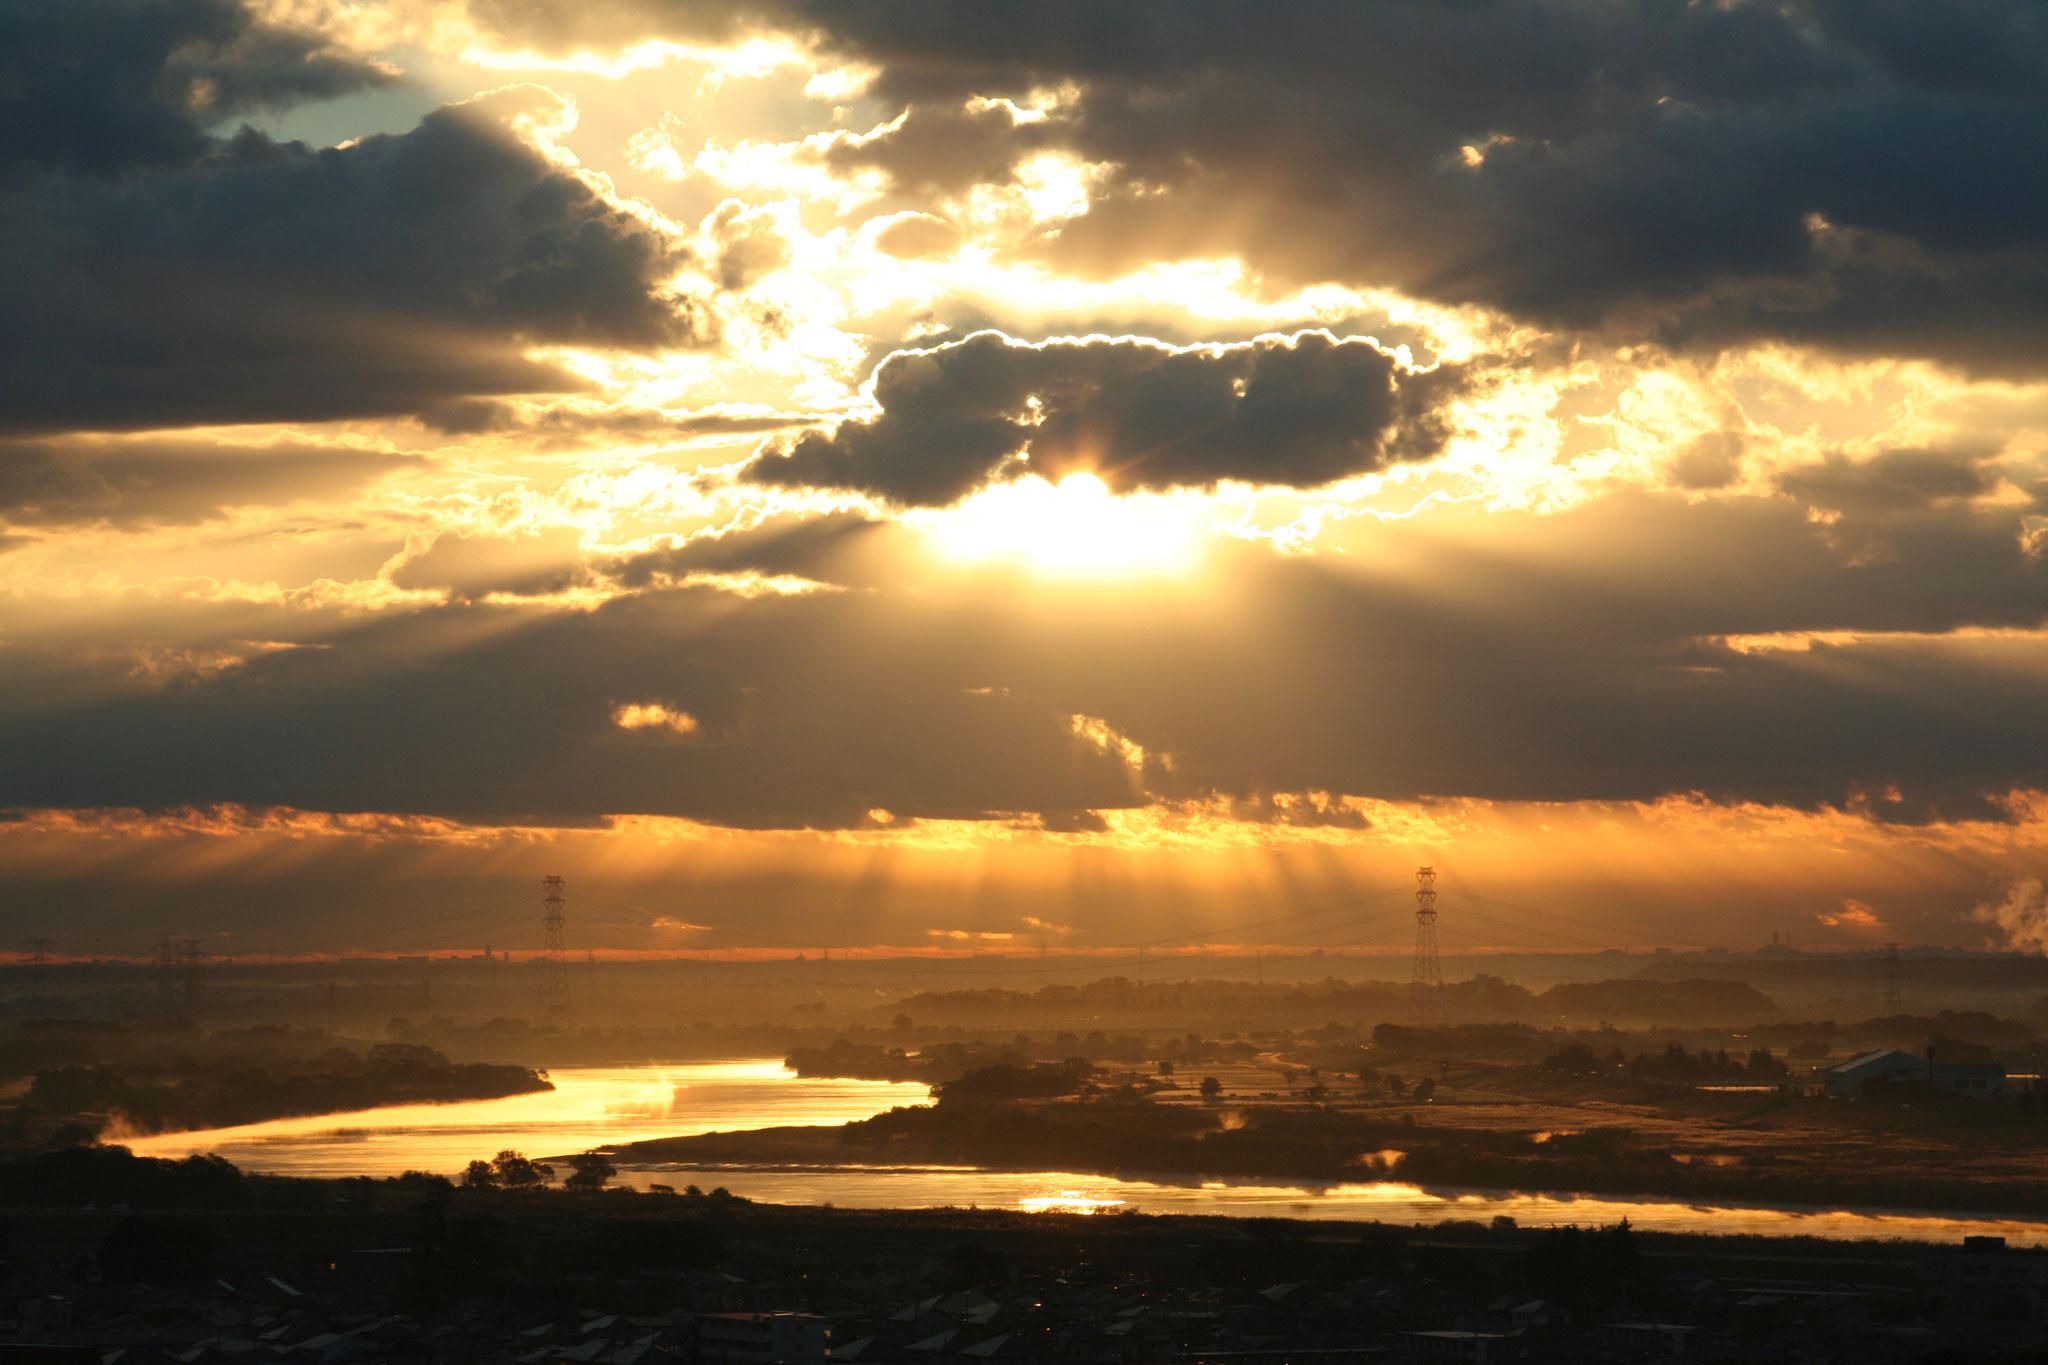 利根川の朝 神降臨 薄明光線(天使の梯子)